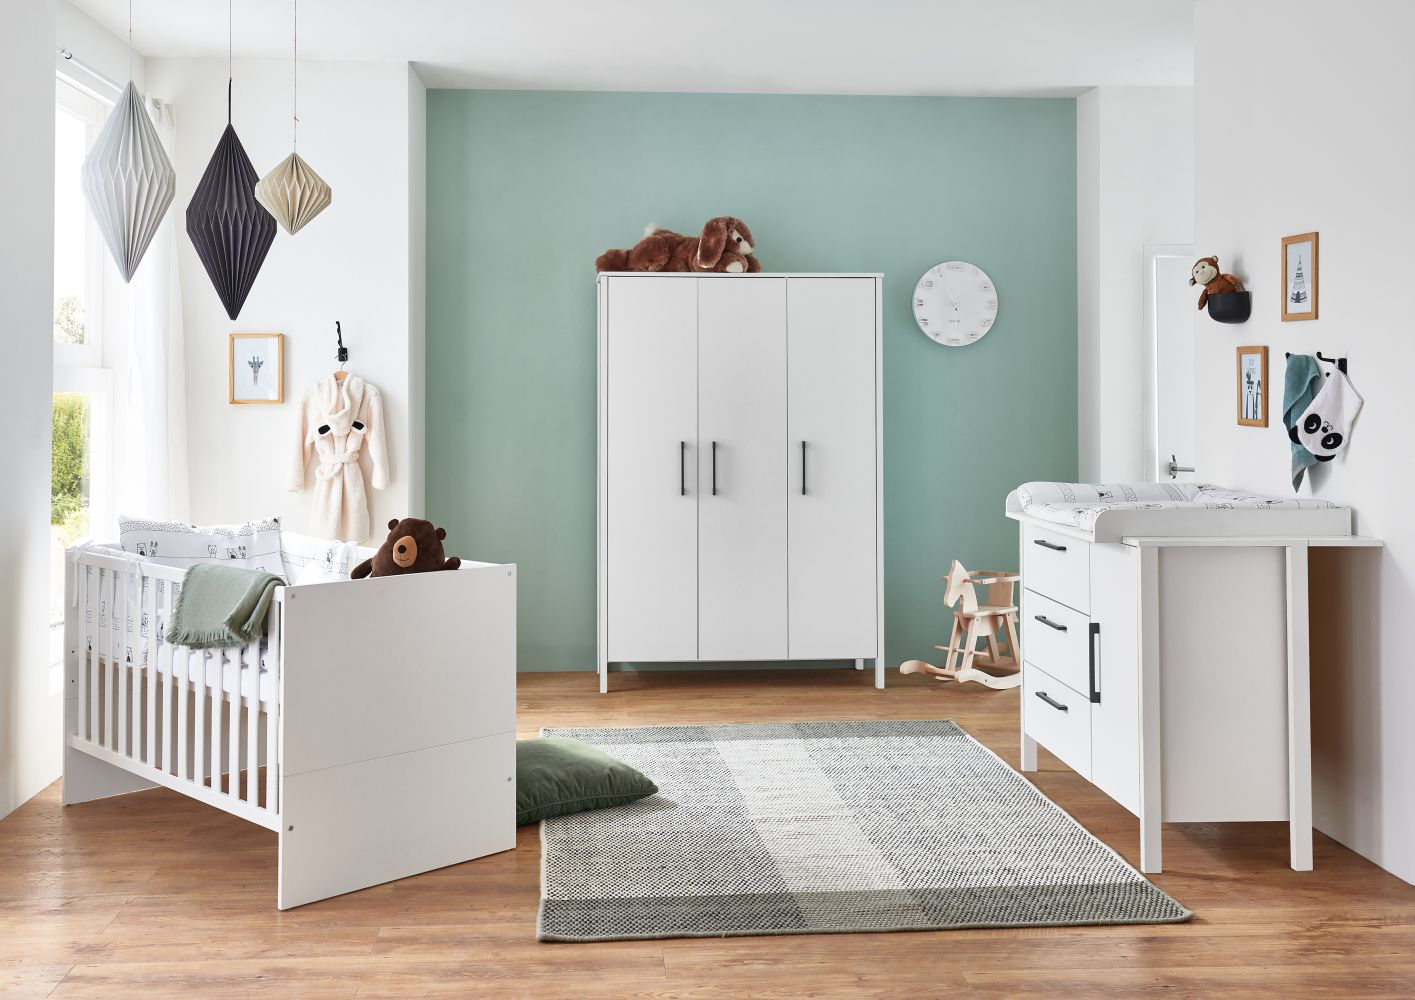 Arthur Berndt 'Kiara' Babyzimmer Komplettset 3-teilig, Kinderbett (70 x 140 cm), Wickelkommode mit Wickelaufsatz und Kleiderschrank Weiß Bild 1